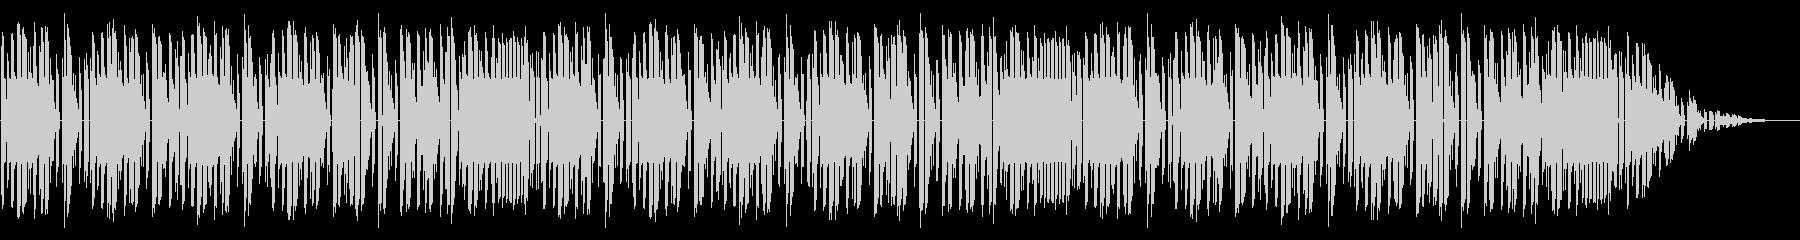 NES レース A01-2(タイトル フの未再生の波形